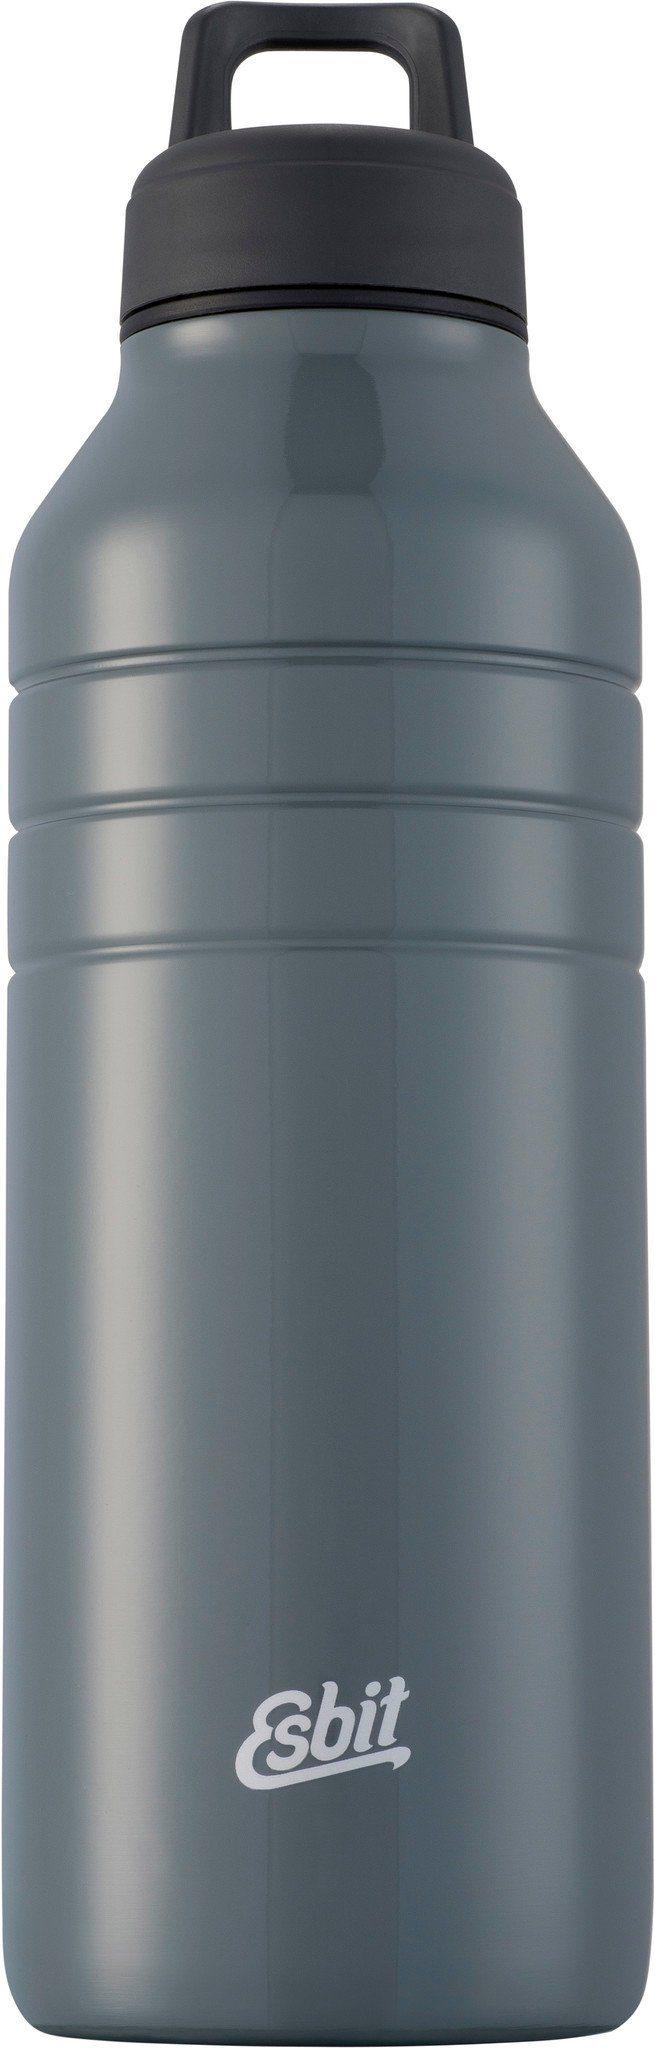 Esbit Trinkflasche »Majoris Trinkflasche 1000ml«